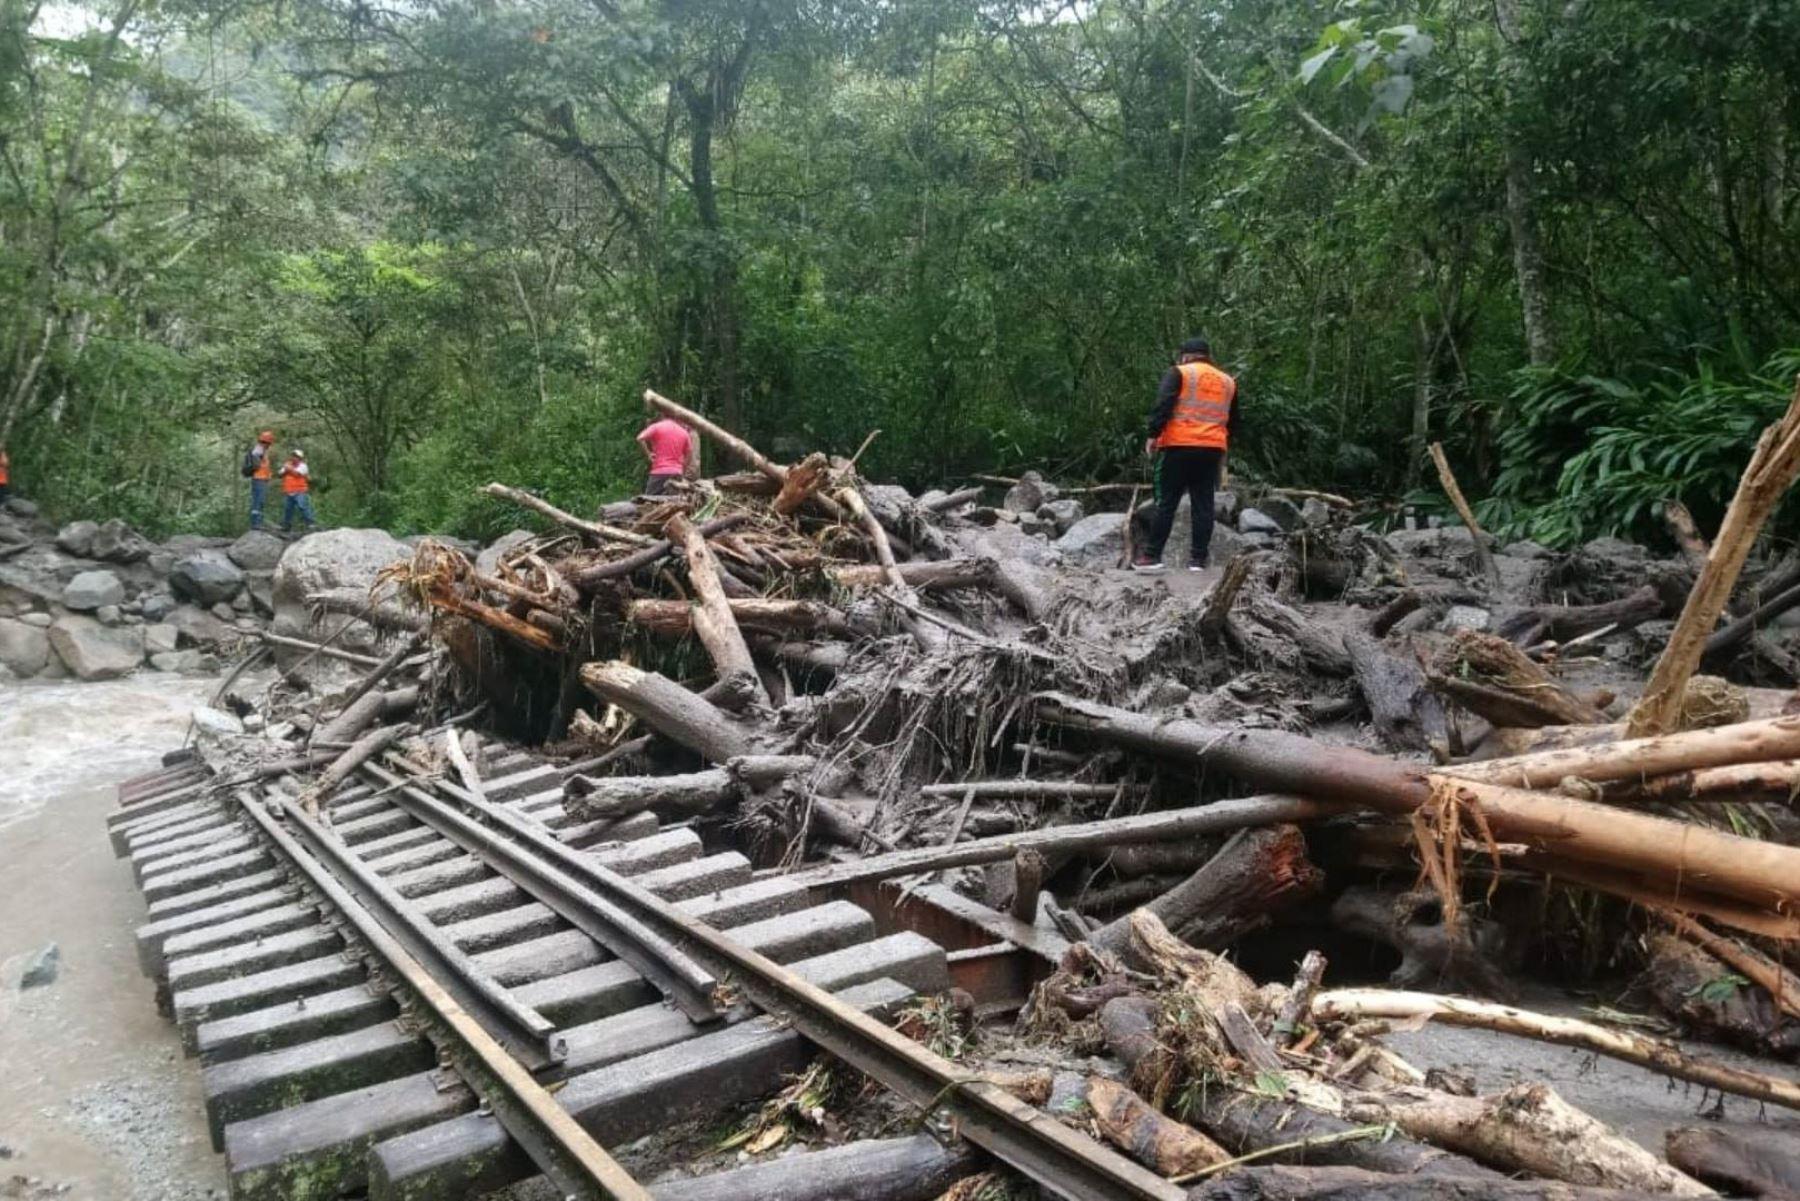 Crecida de río obliga a suspender servicio de tren Machu Picchu-Hidroeléctrica. ANDINA/Difusión